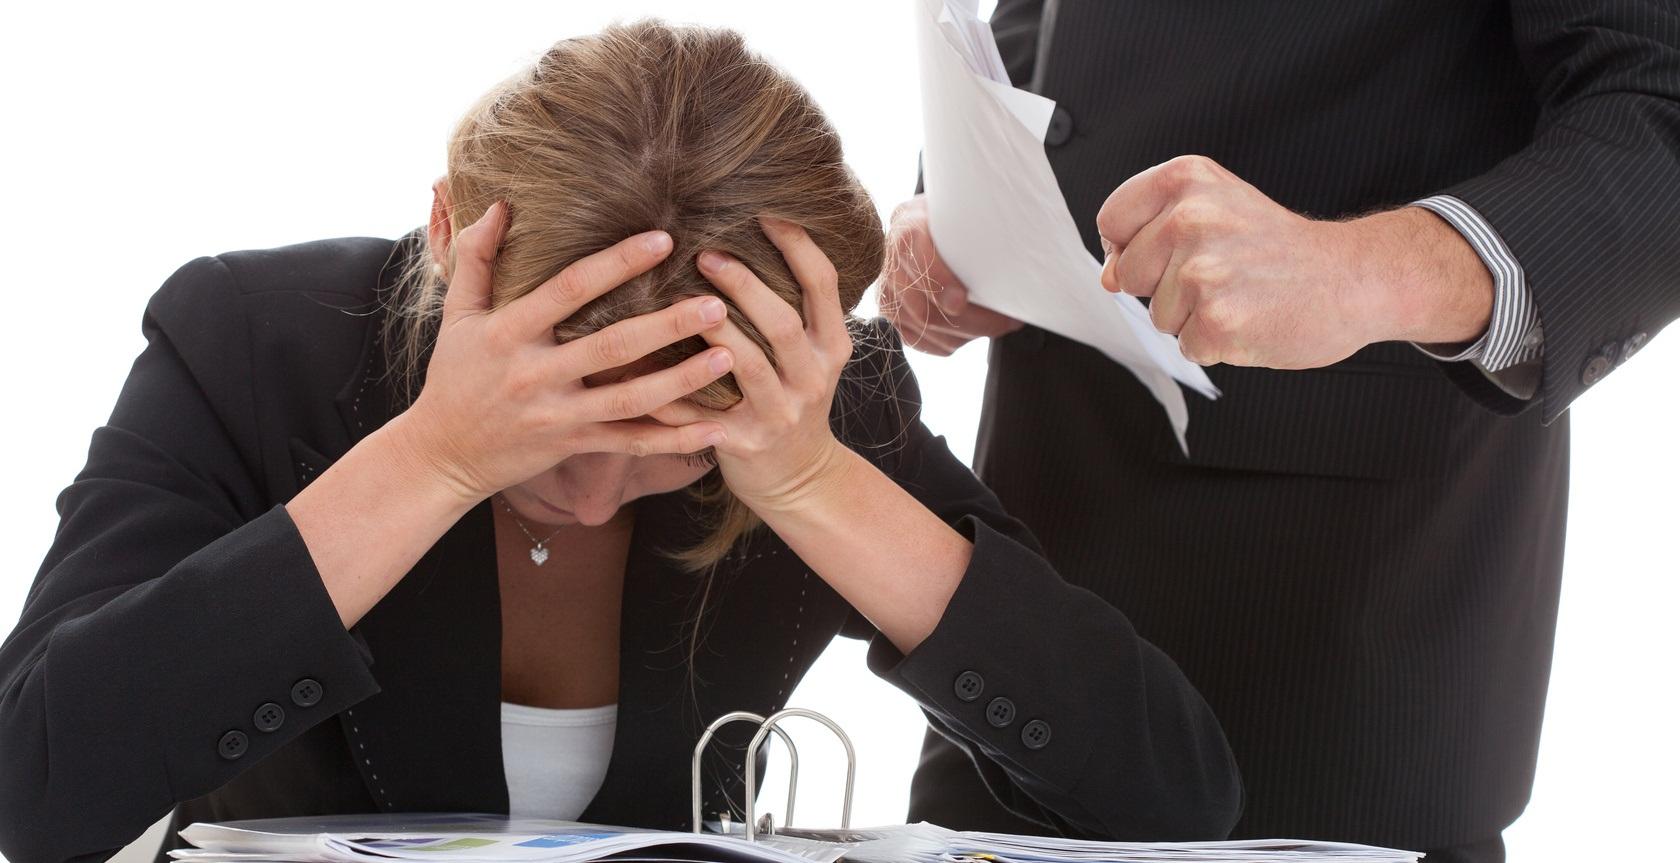 Vượt qua những khó khăn khi tìm việc làm như thế nào